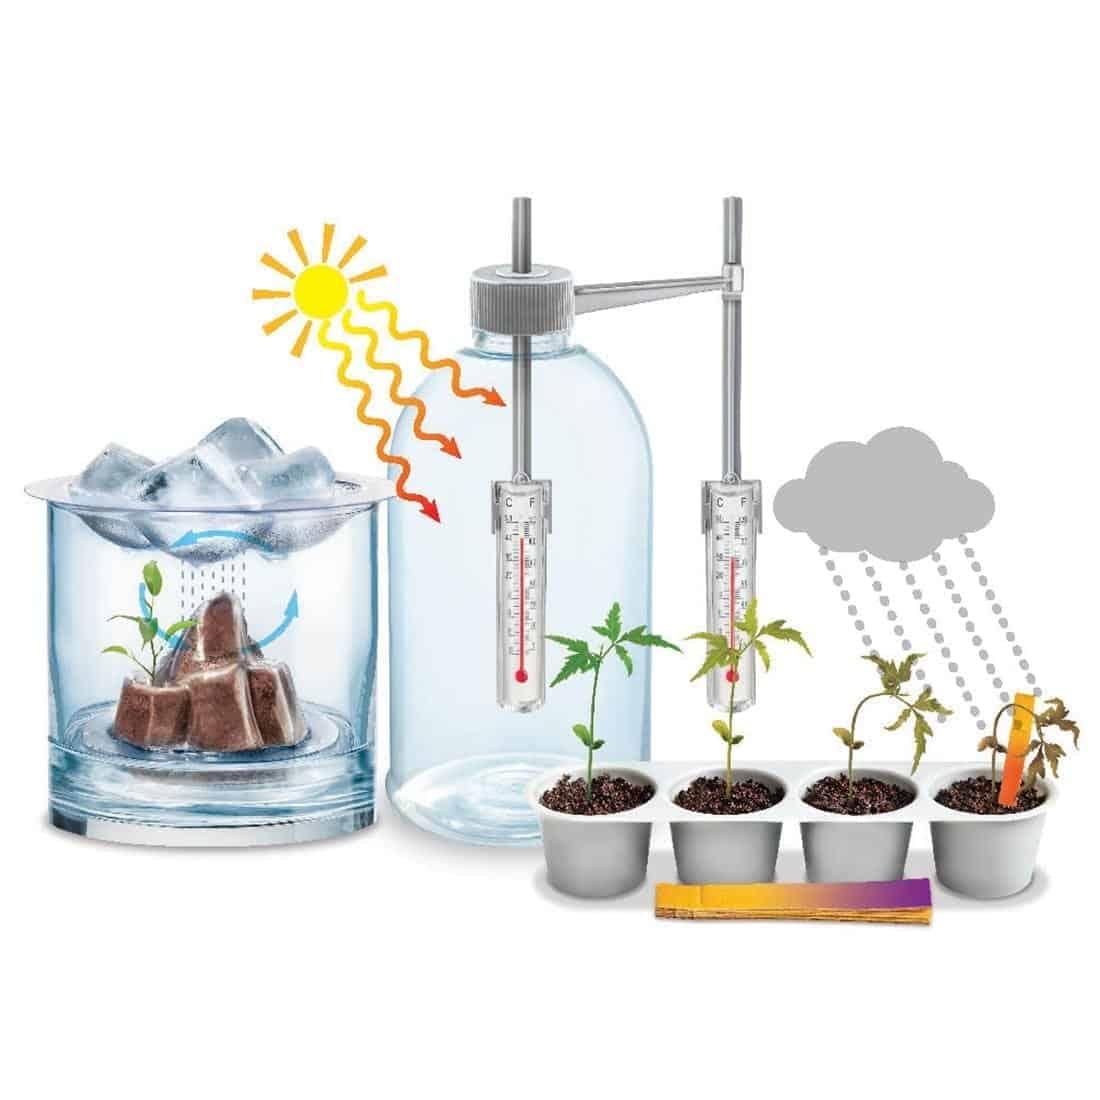 מדעי האקלים - מוצר פועל